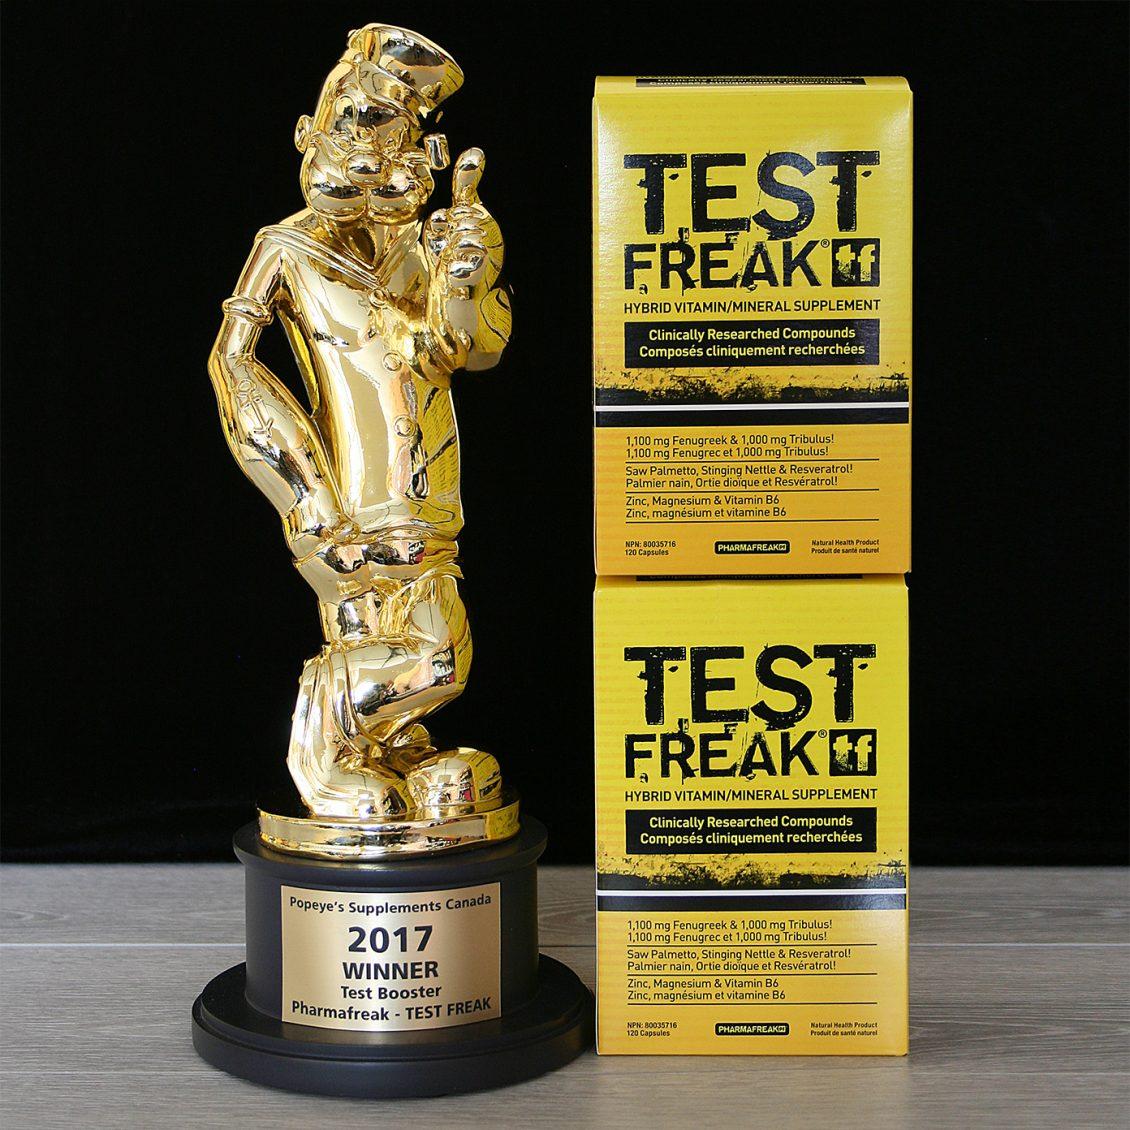 test freak scam, PharmaFreak Test Freak, Test Freak review, test freak supplement facts, test freak ingredients